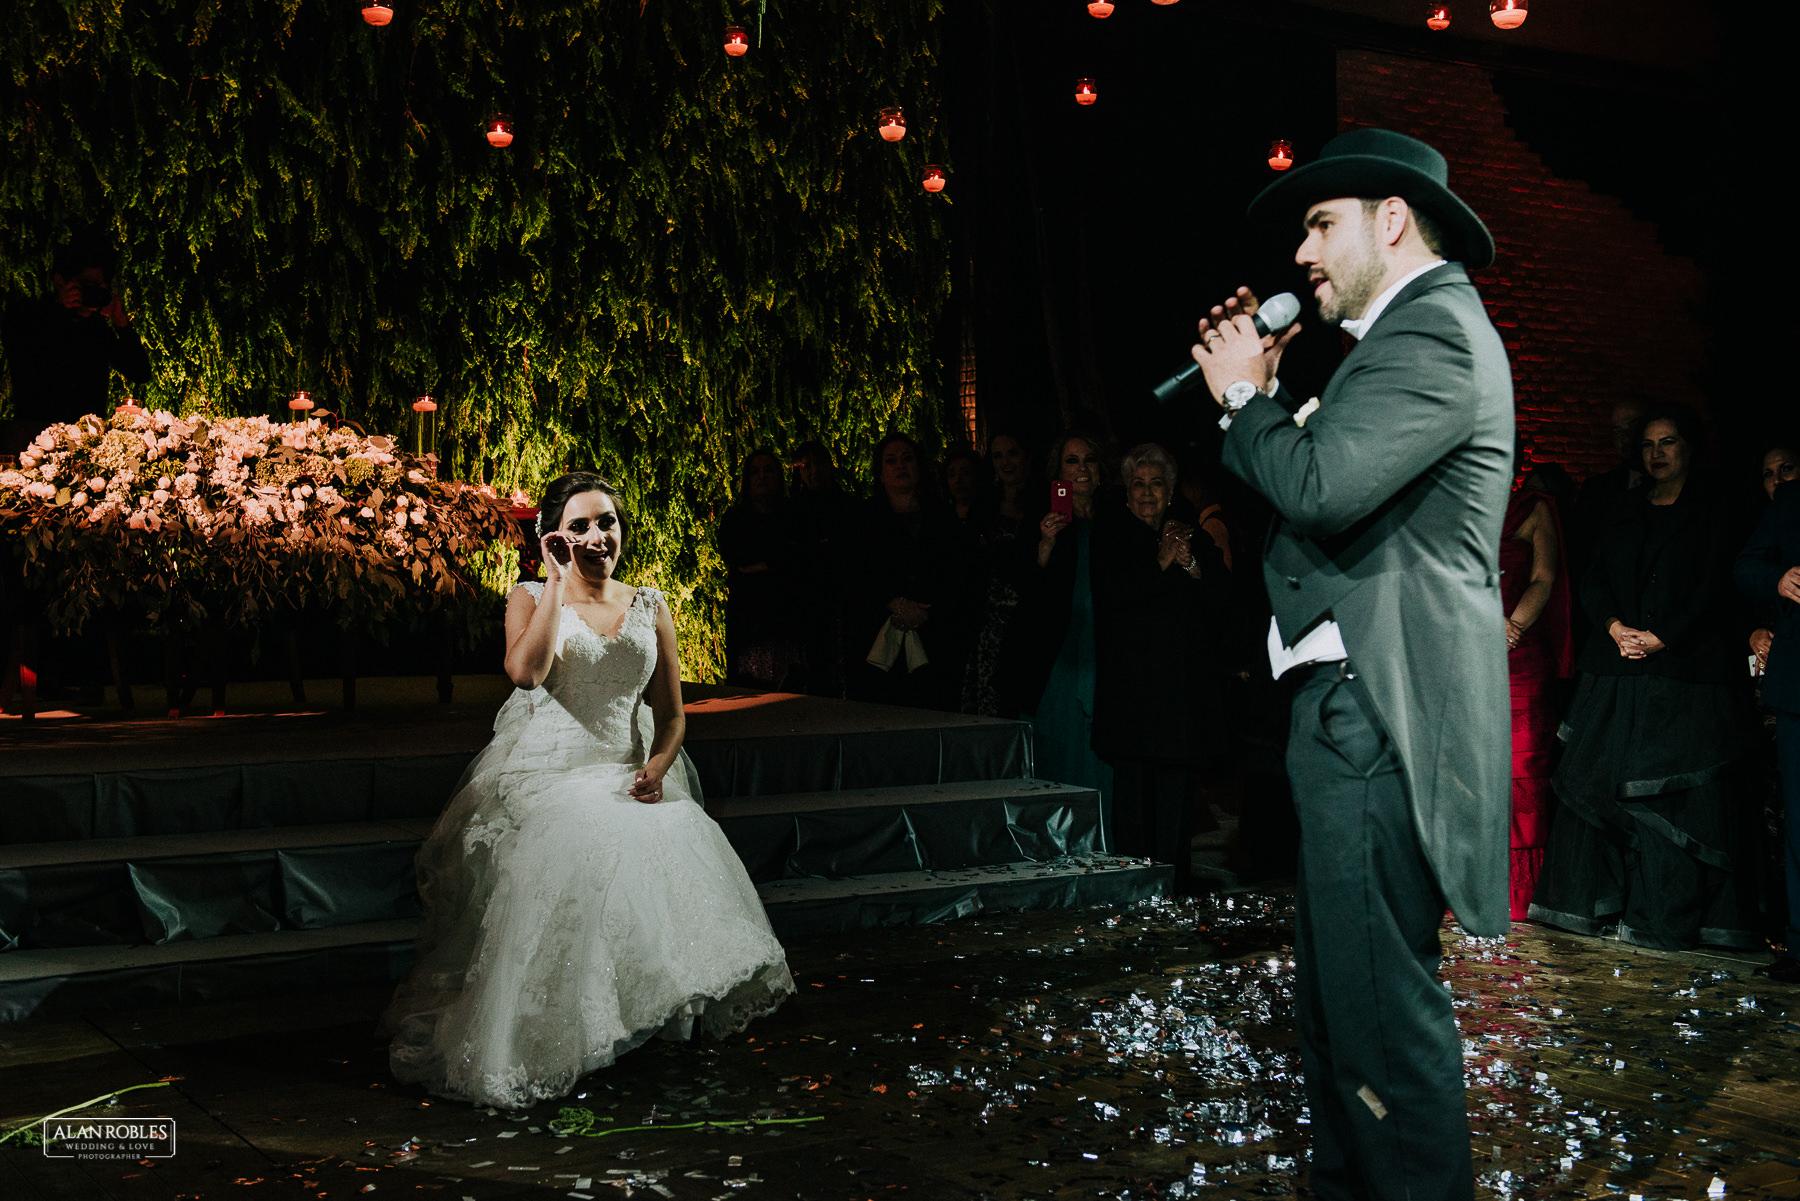 Fotografo de bodas Alan Robles-Casa Clementina Guadalajara DyA-66